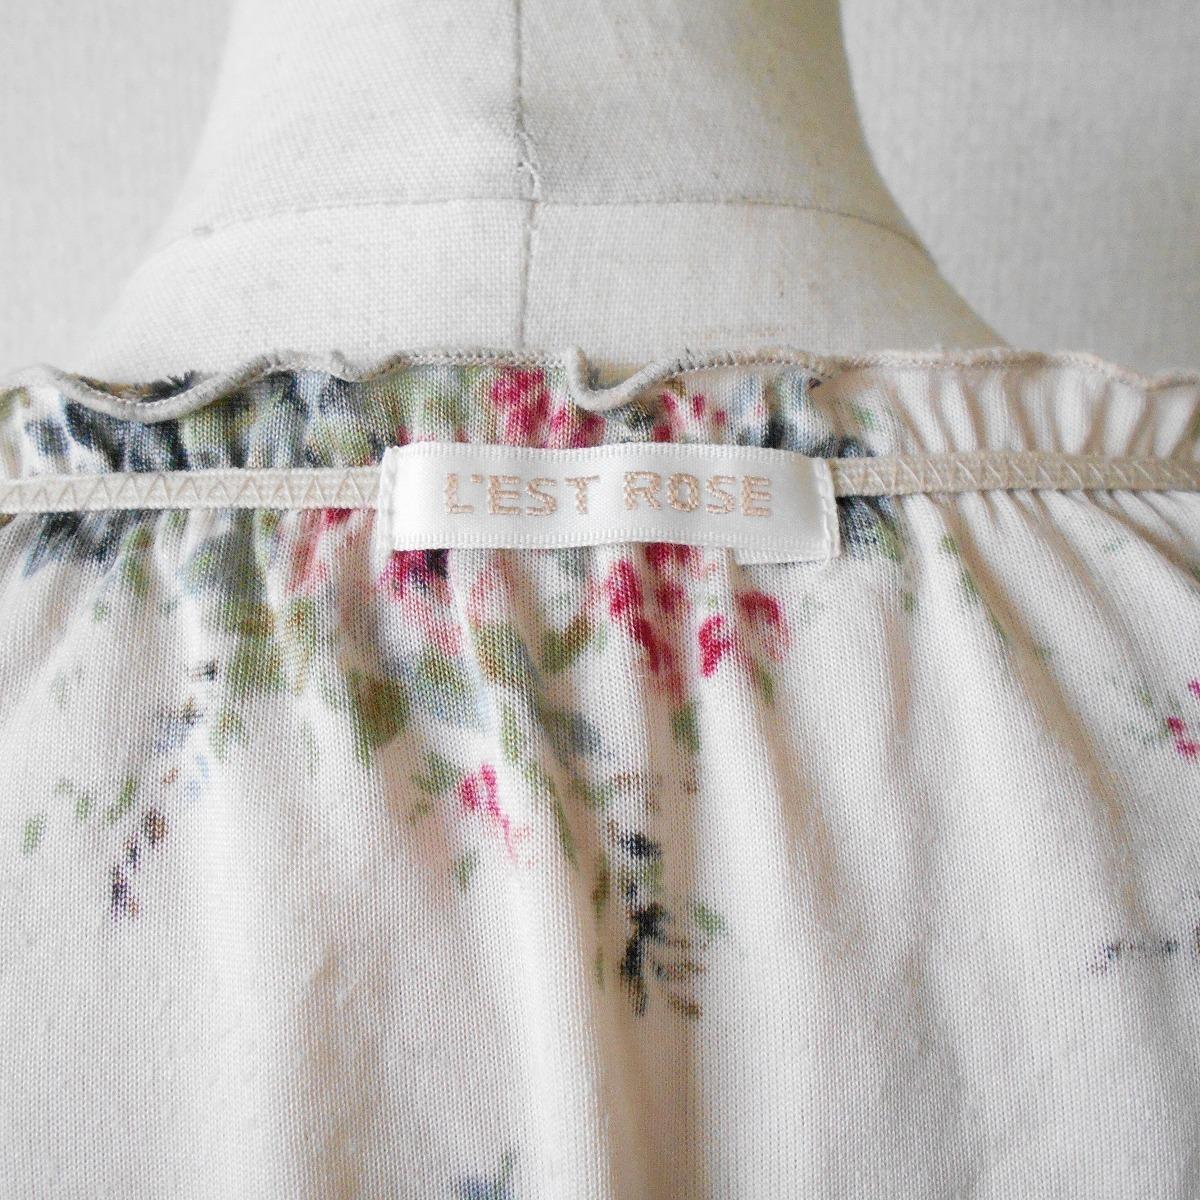 レストローズ LEST ROSE 秋冬 向き 花柄 プリント の 可愛い ベロア 長袖 カットソー 日本製 2_画像7